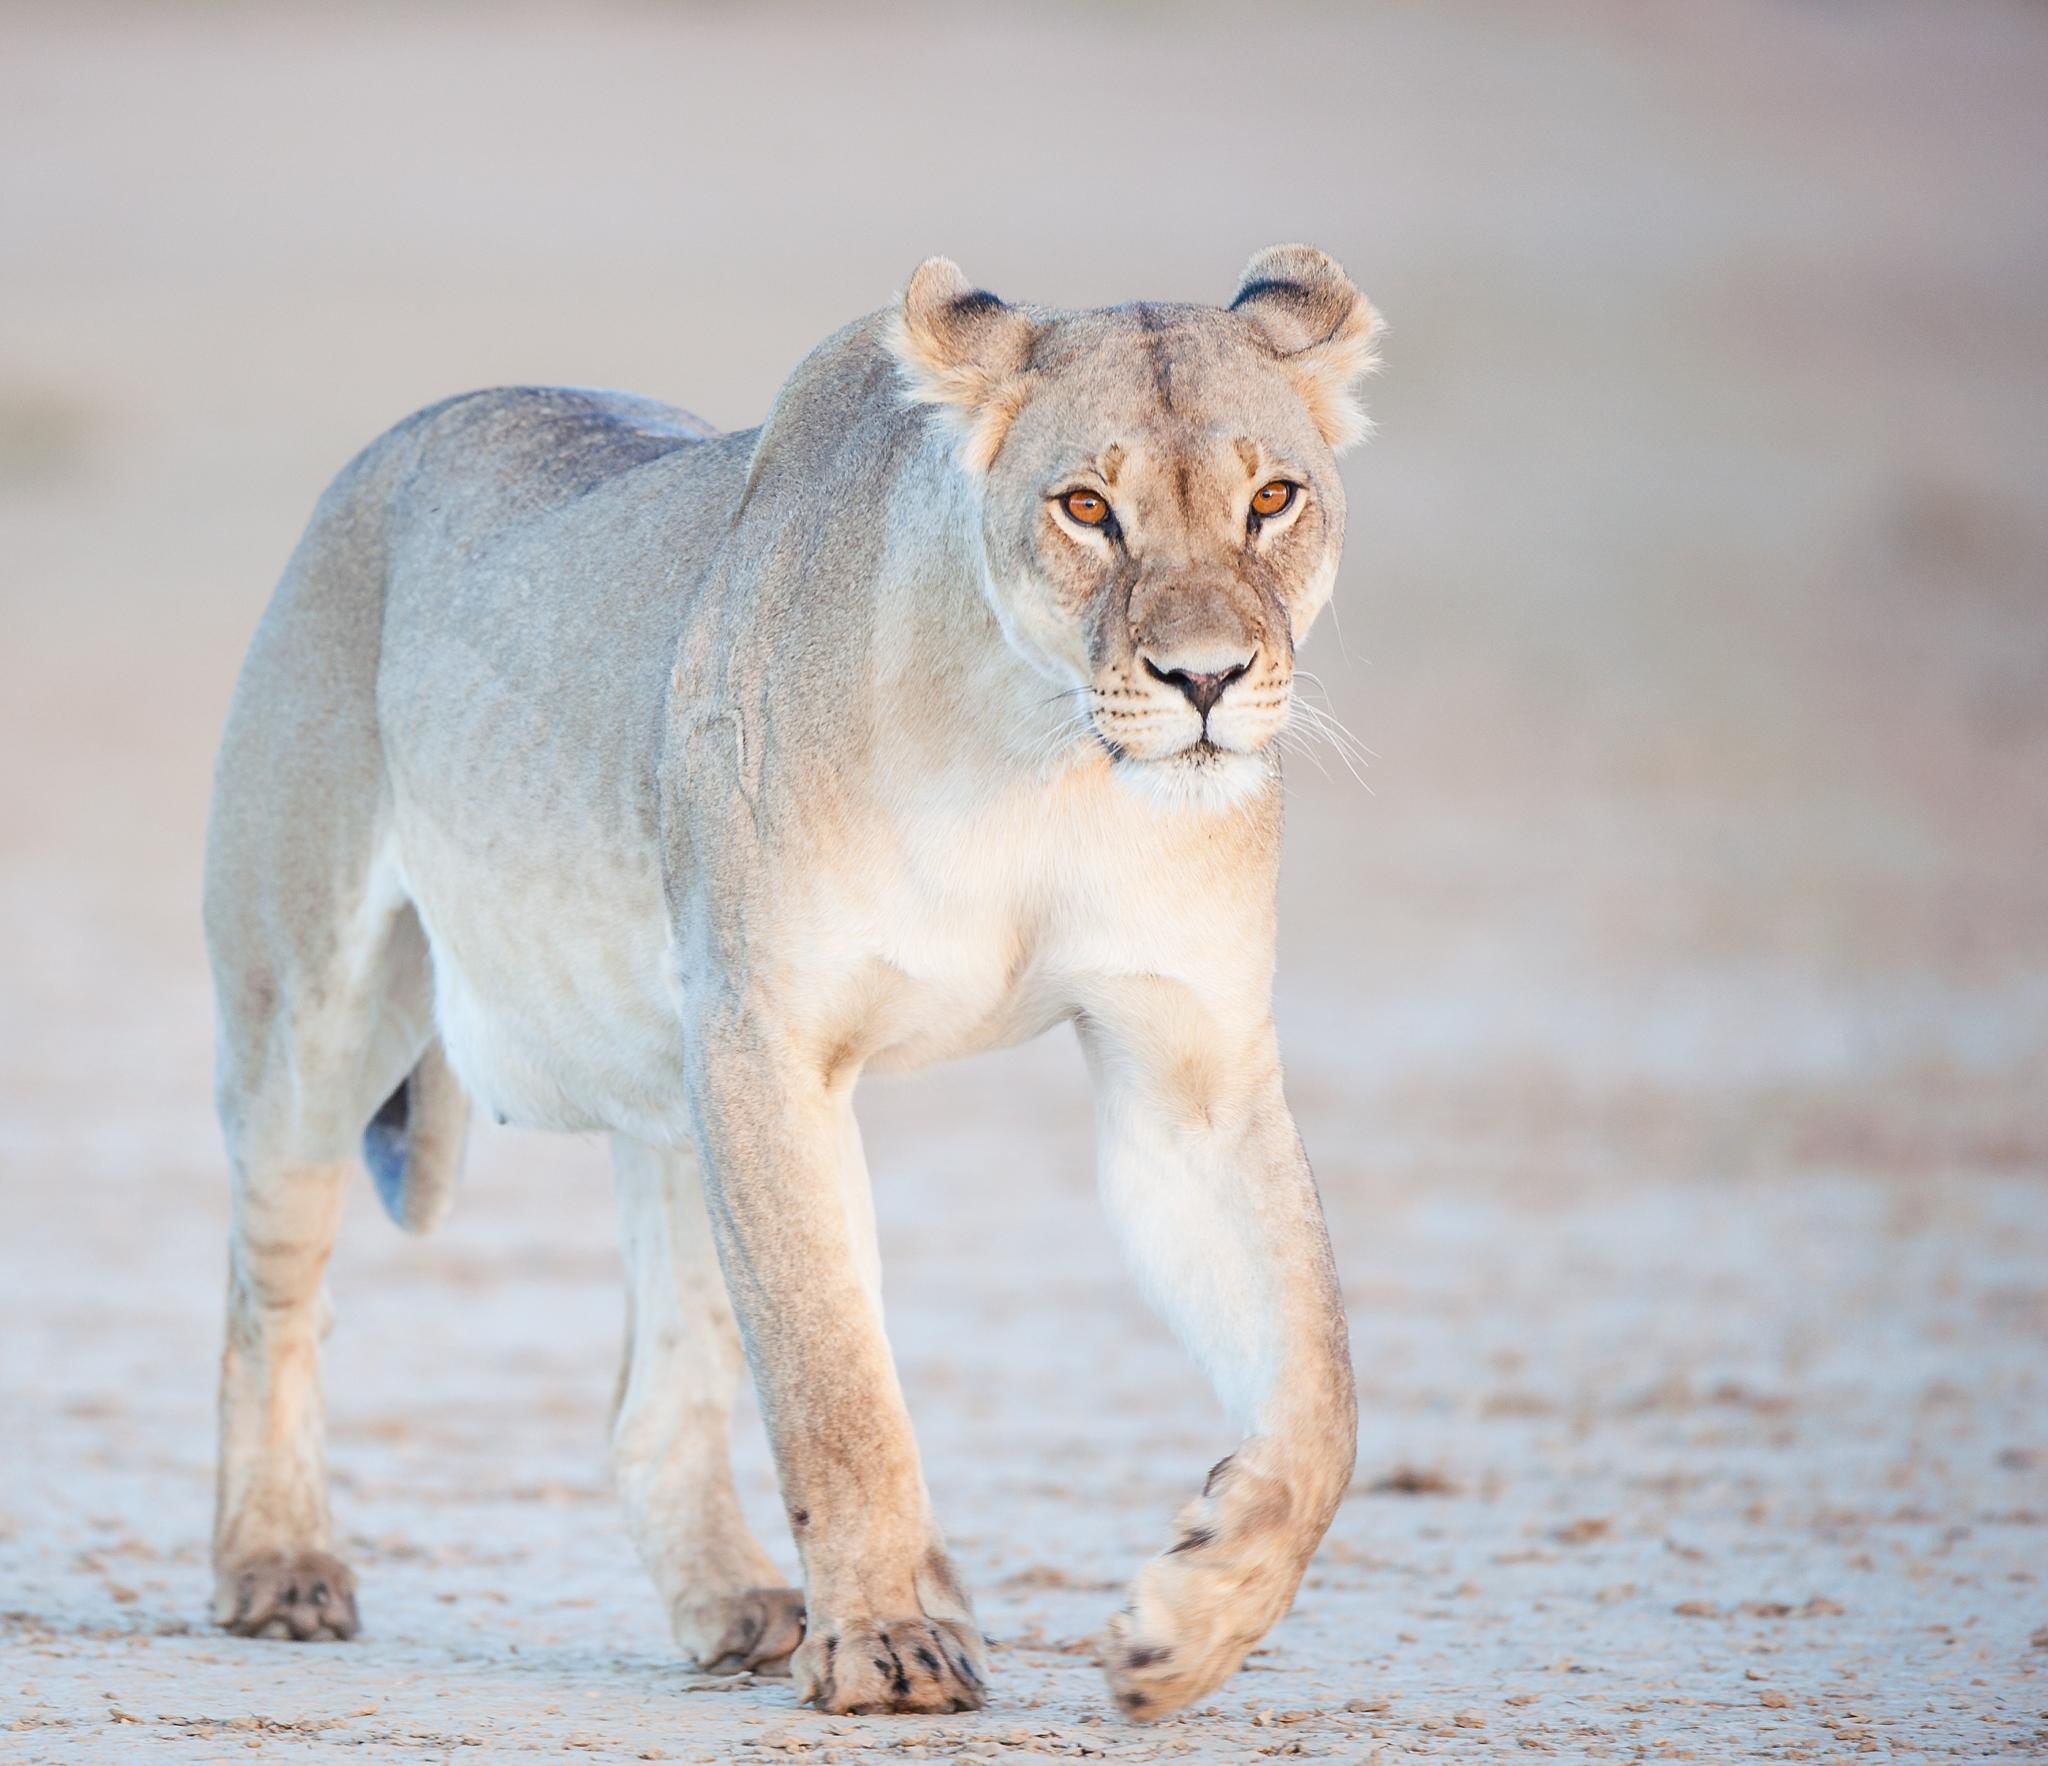 Lioness by Bridgena Barnard